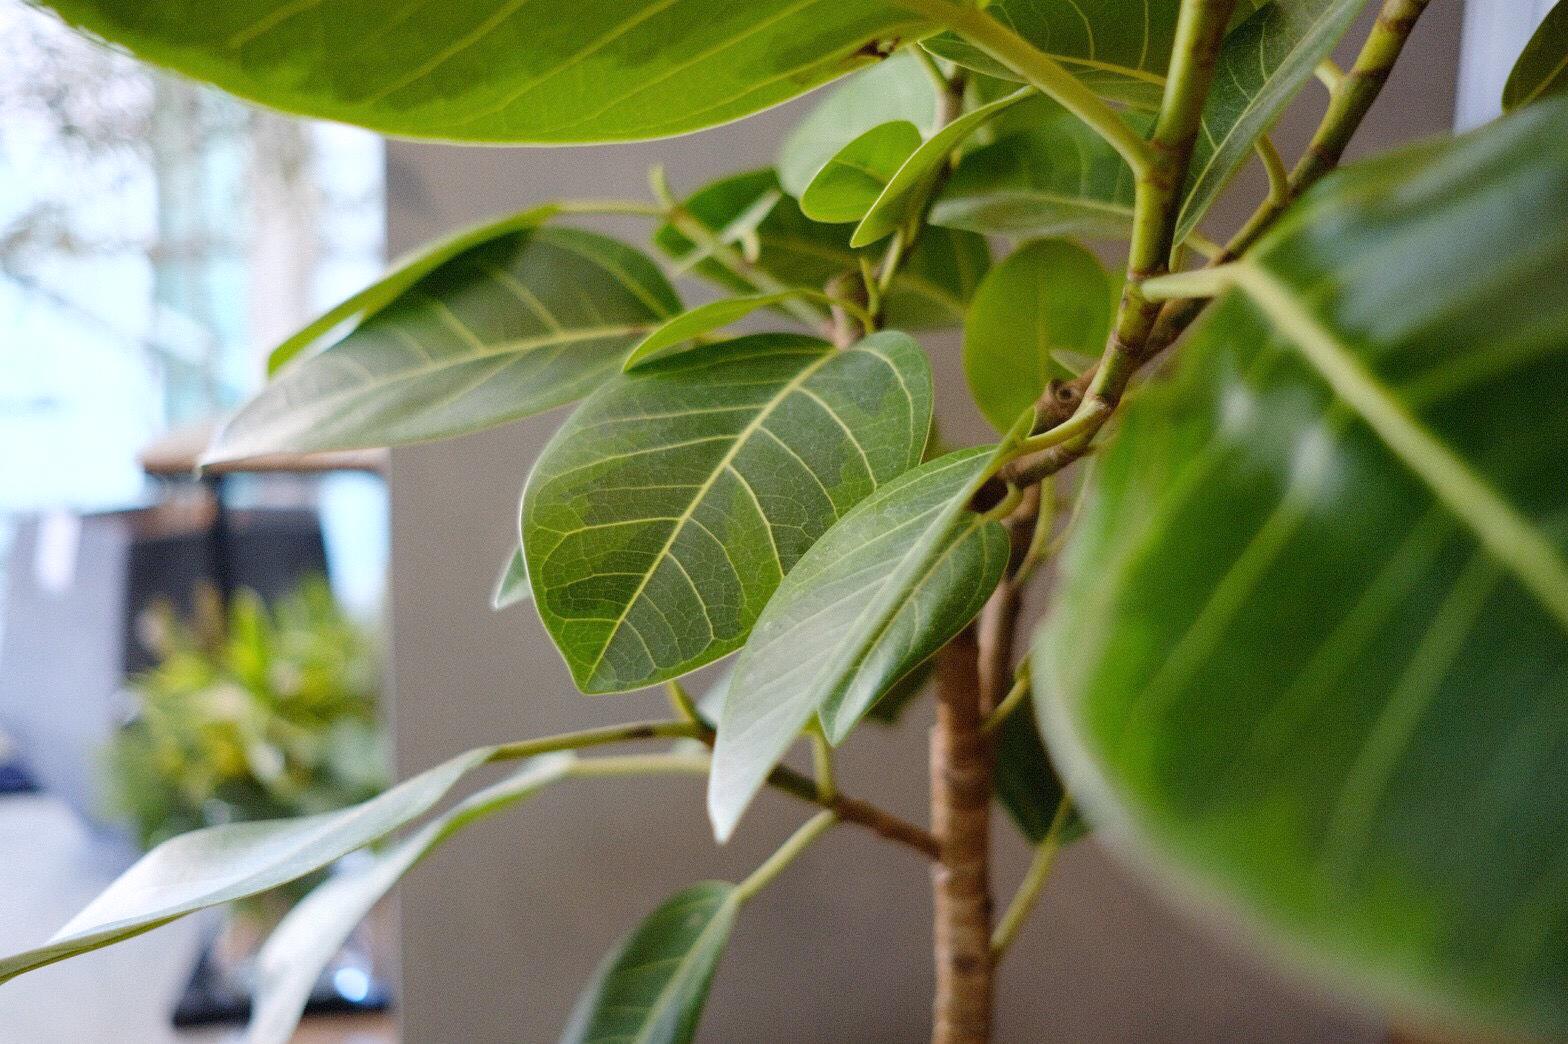 Ficus altissima〈フィカス アルテシーマ〉